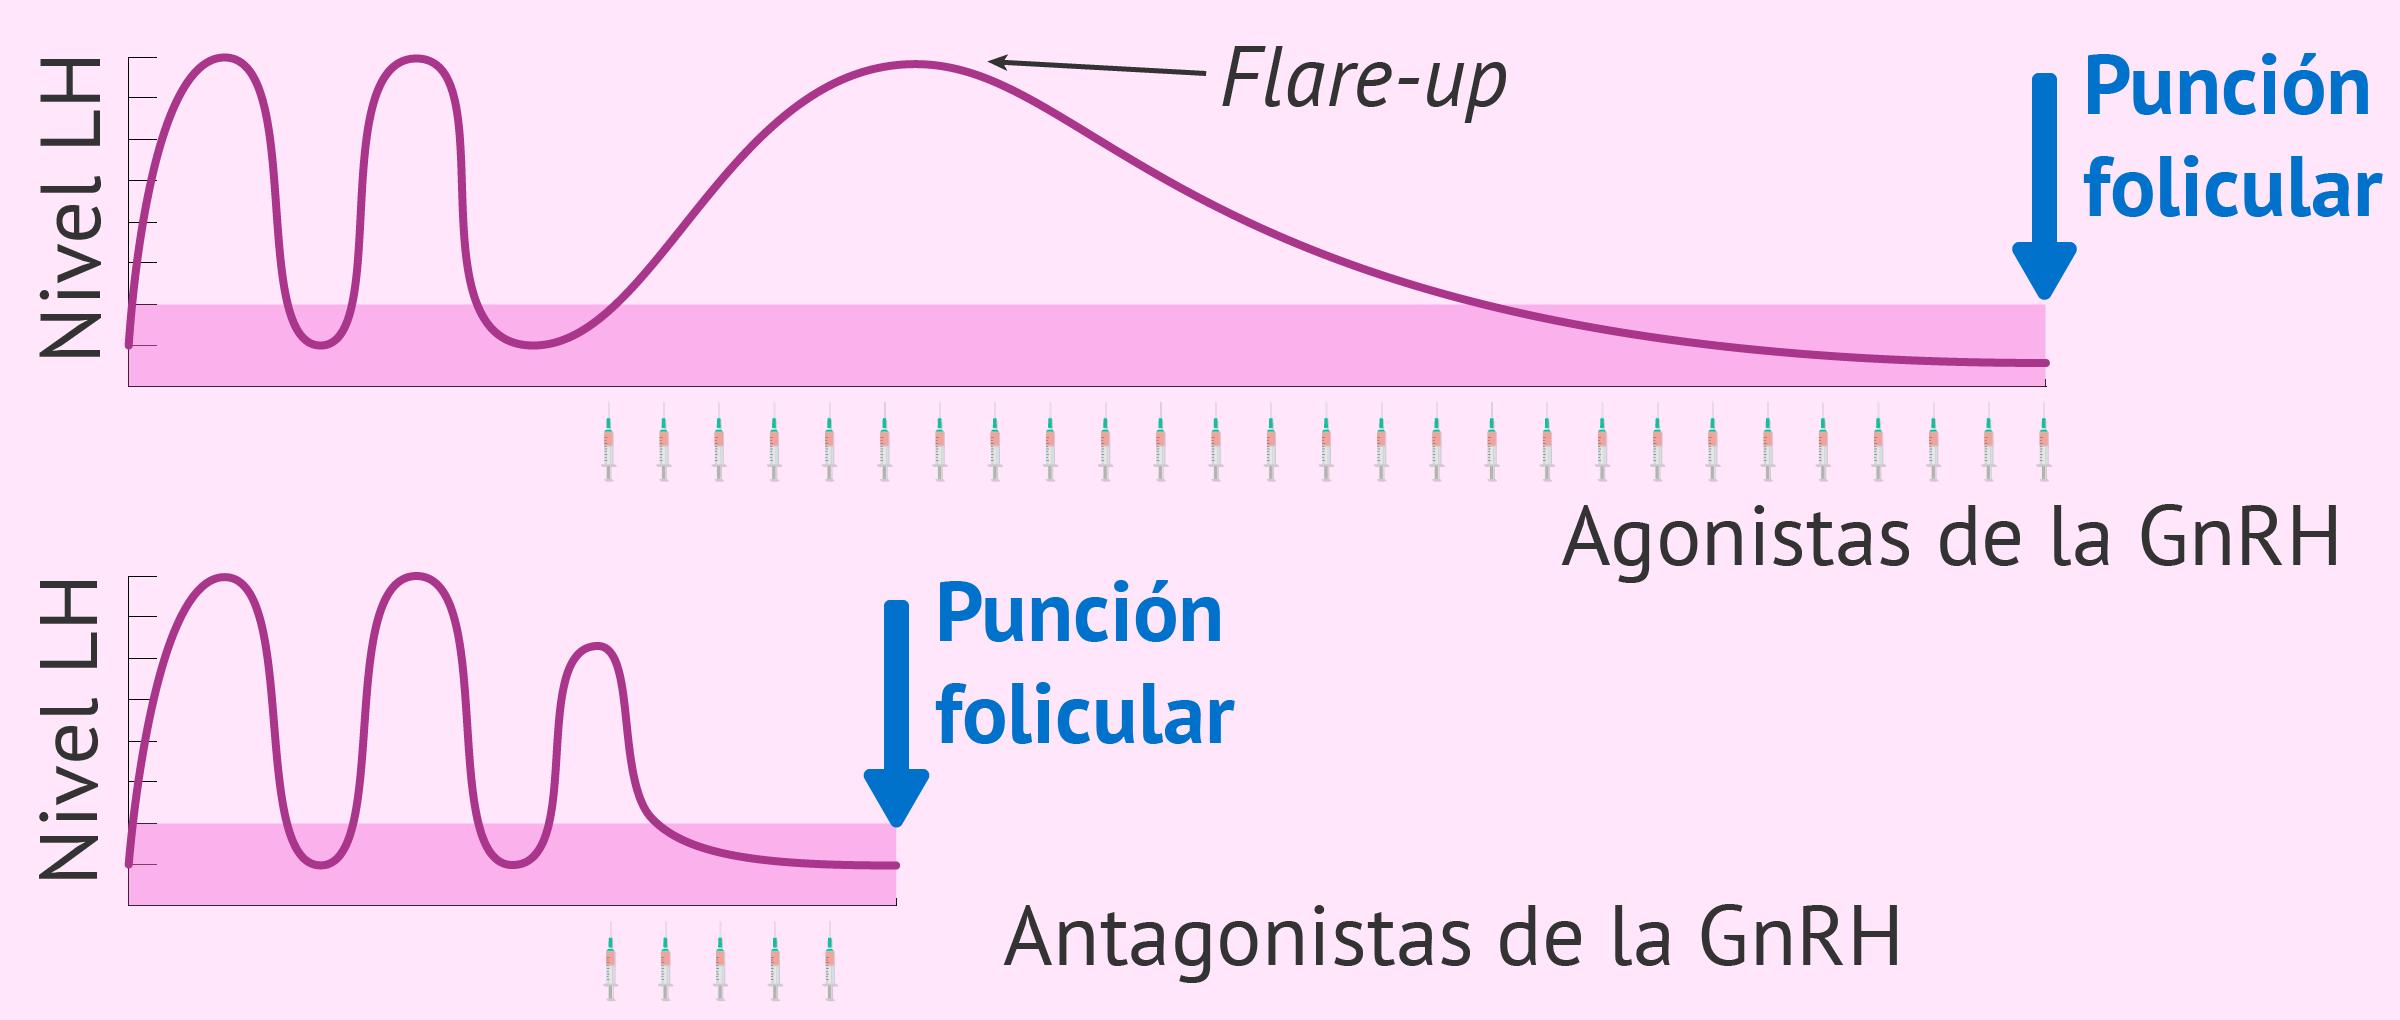 Comparación del efecto de los agonistas y los antagonistas